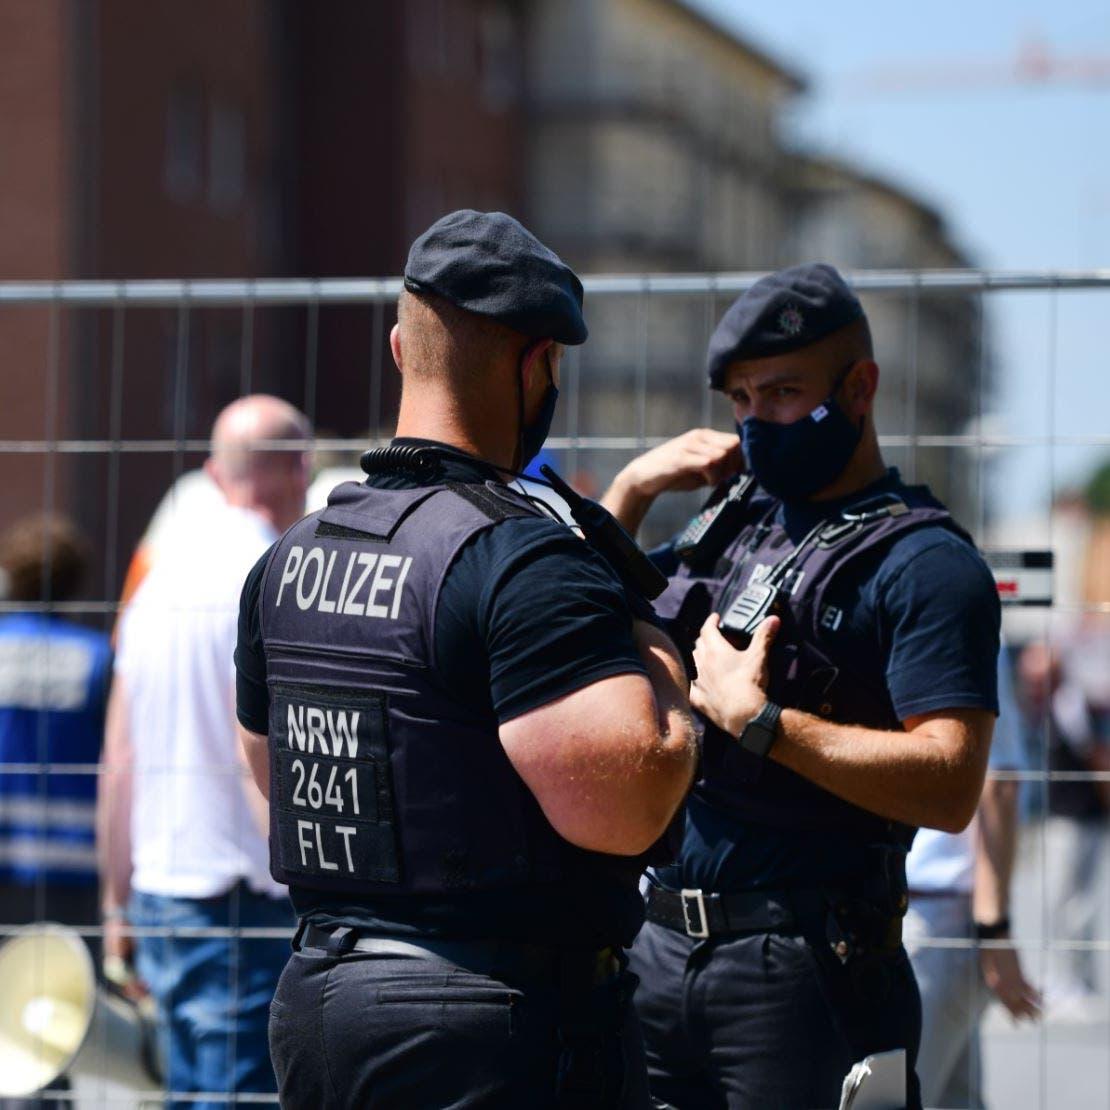 مخطط لهجمات إرهابية.. السلطات الألمانية تستنفر